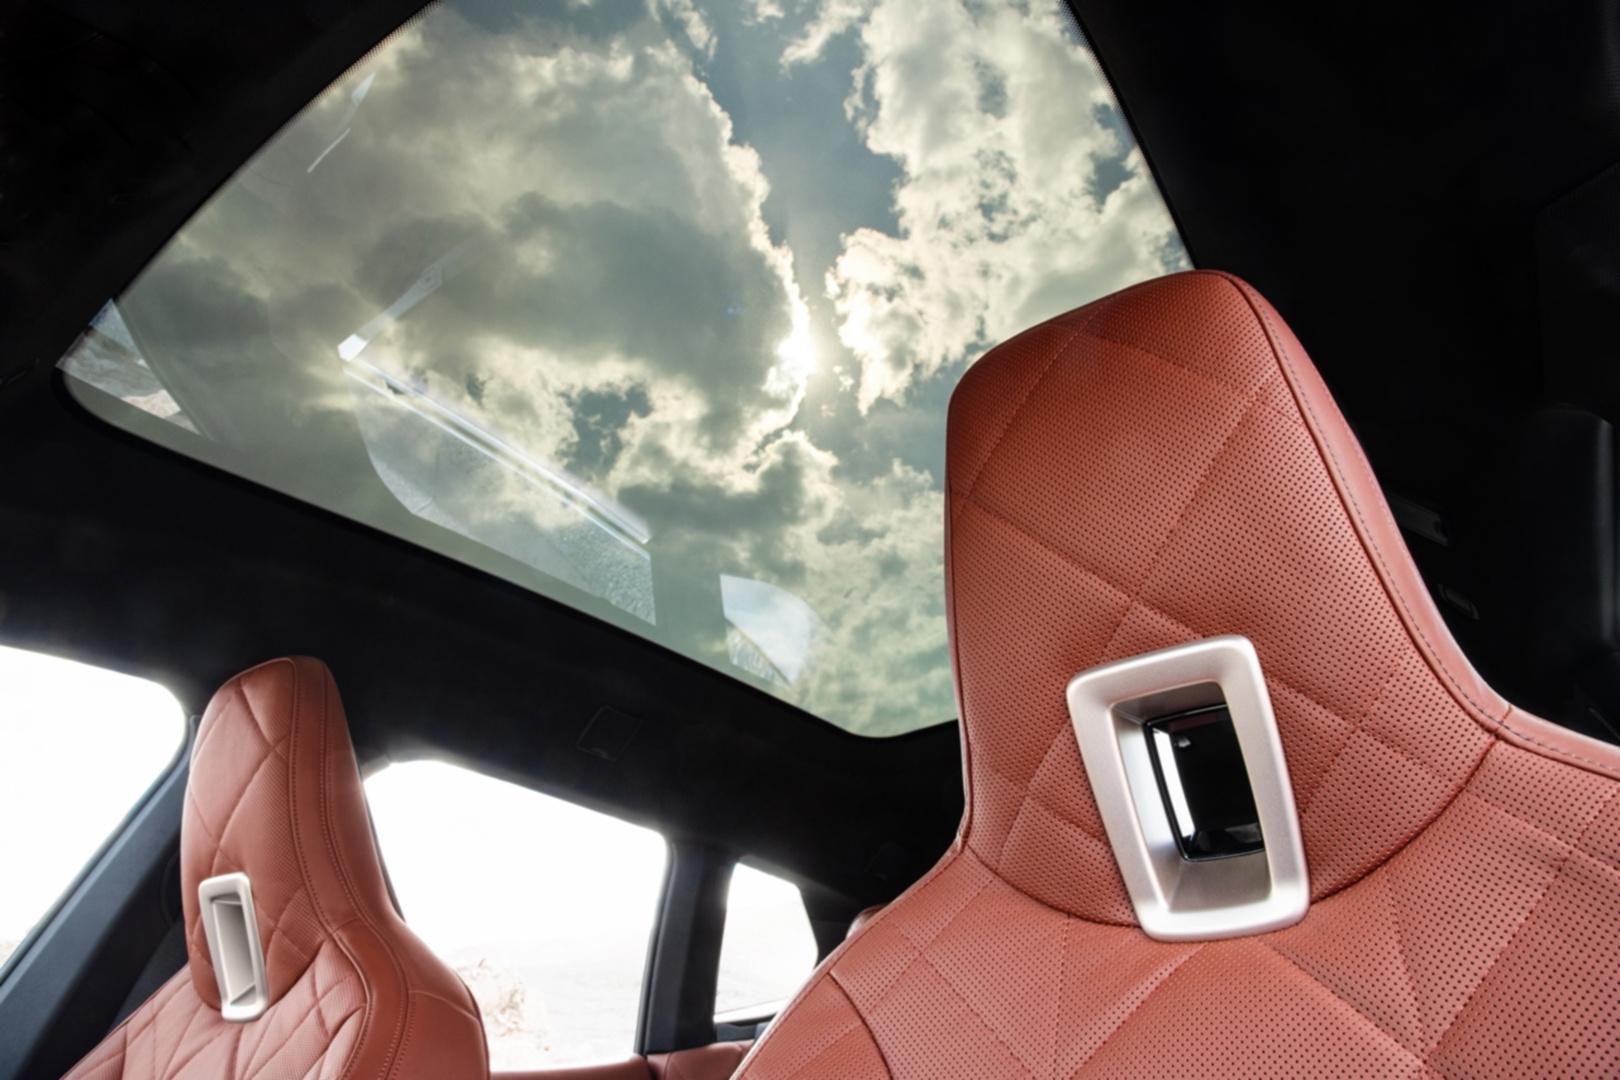 SMALL_[新聞照片六]全新電控調節採光全景式玻璃車頂,可透過電控調節變色遮陽,適時調節車室空間採光